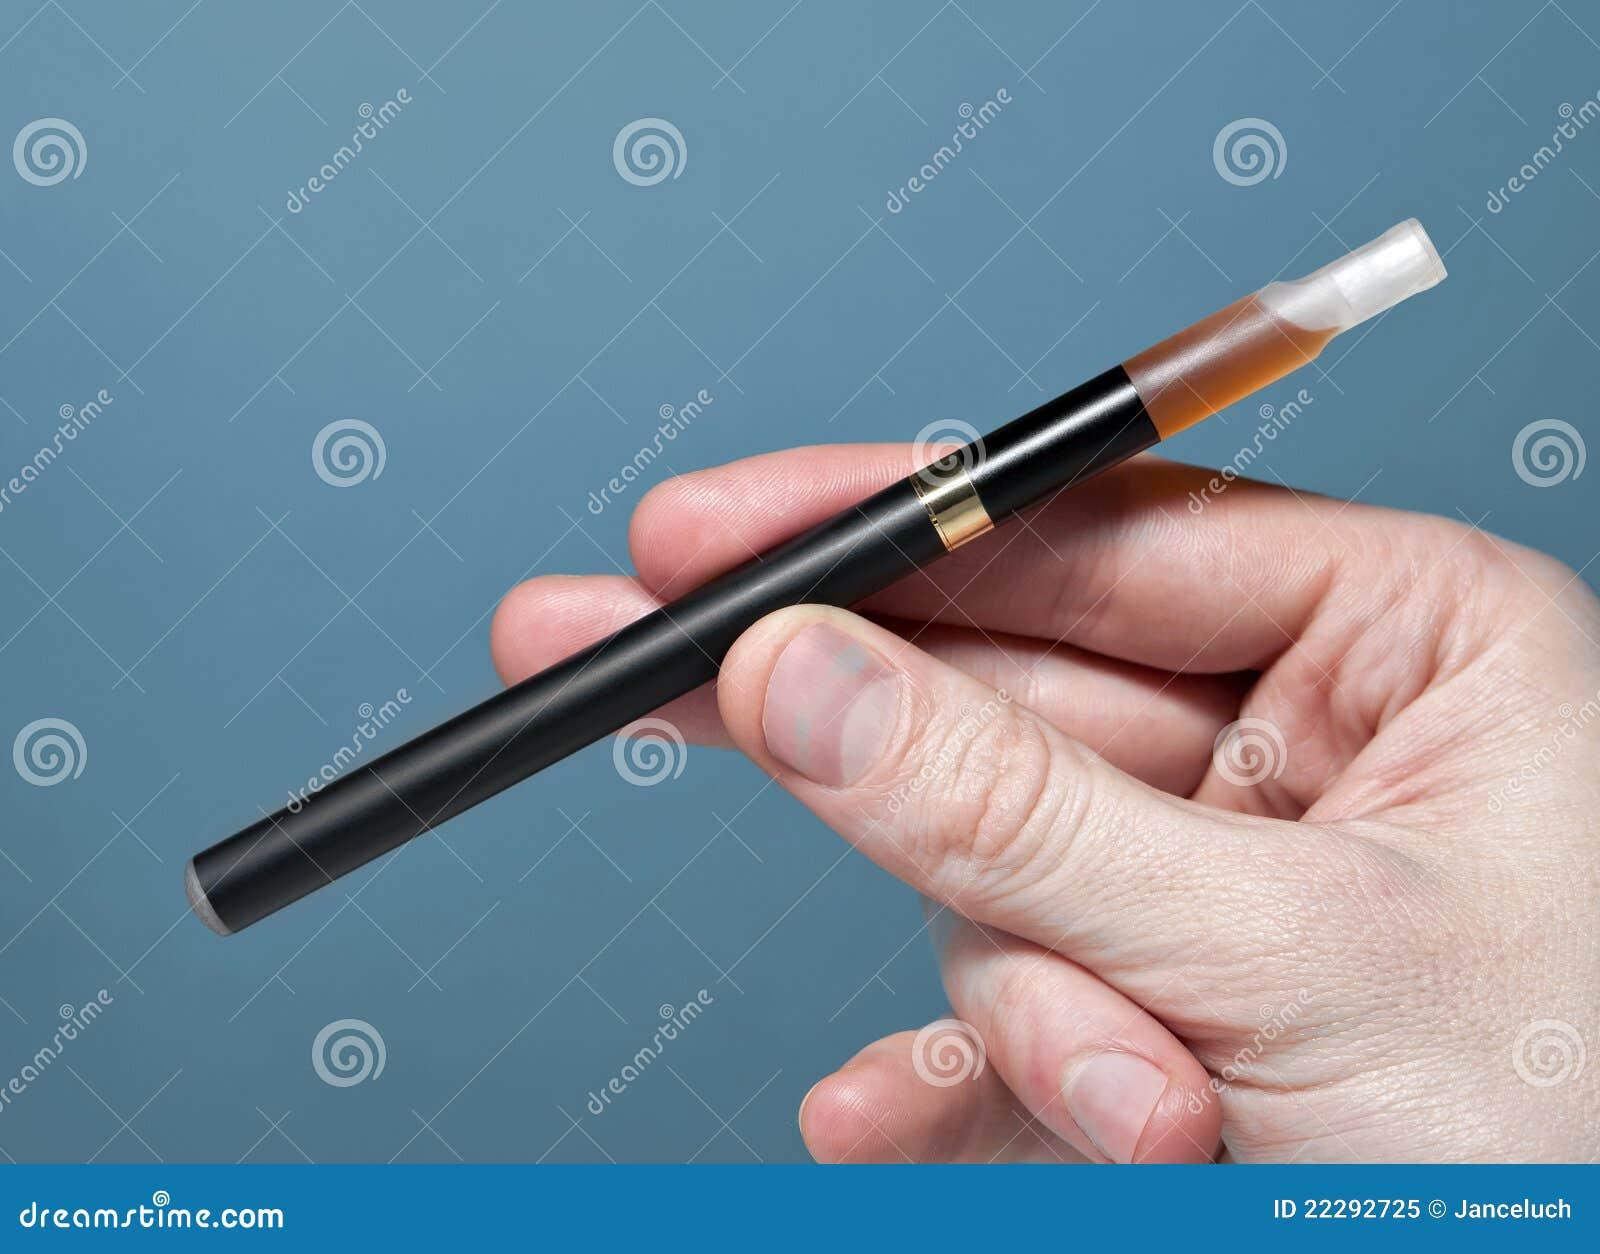 Kann man mit Hilfe von E-Zigaretten das aufhören zu Rauchen?